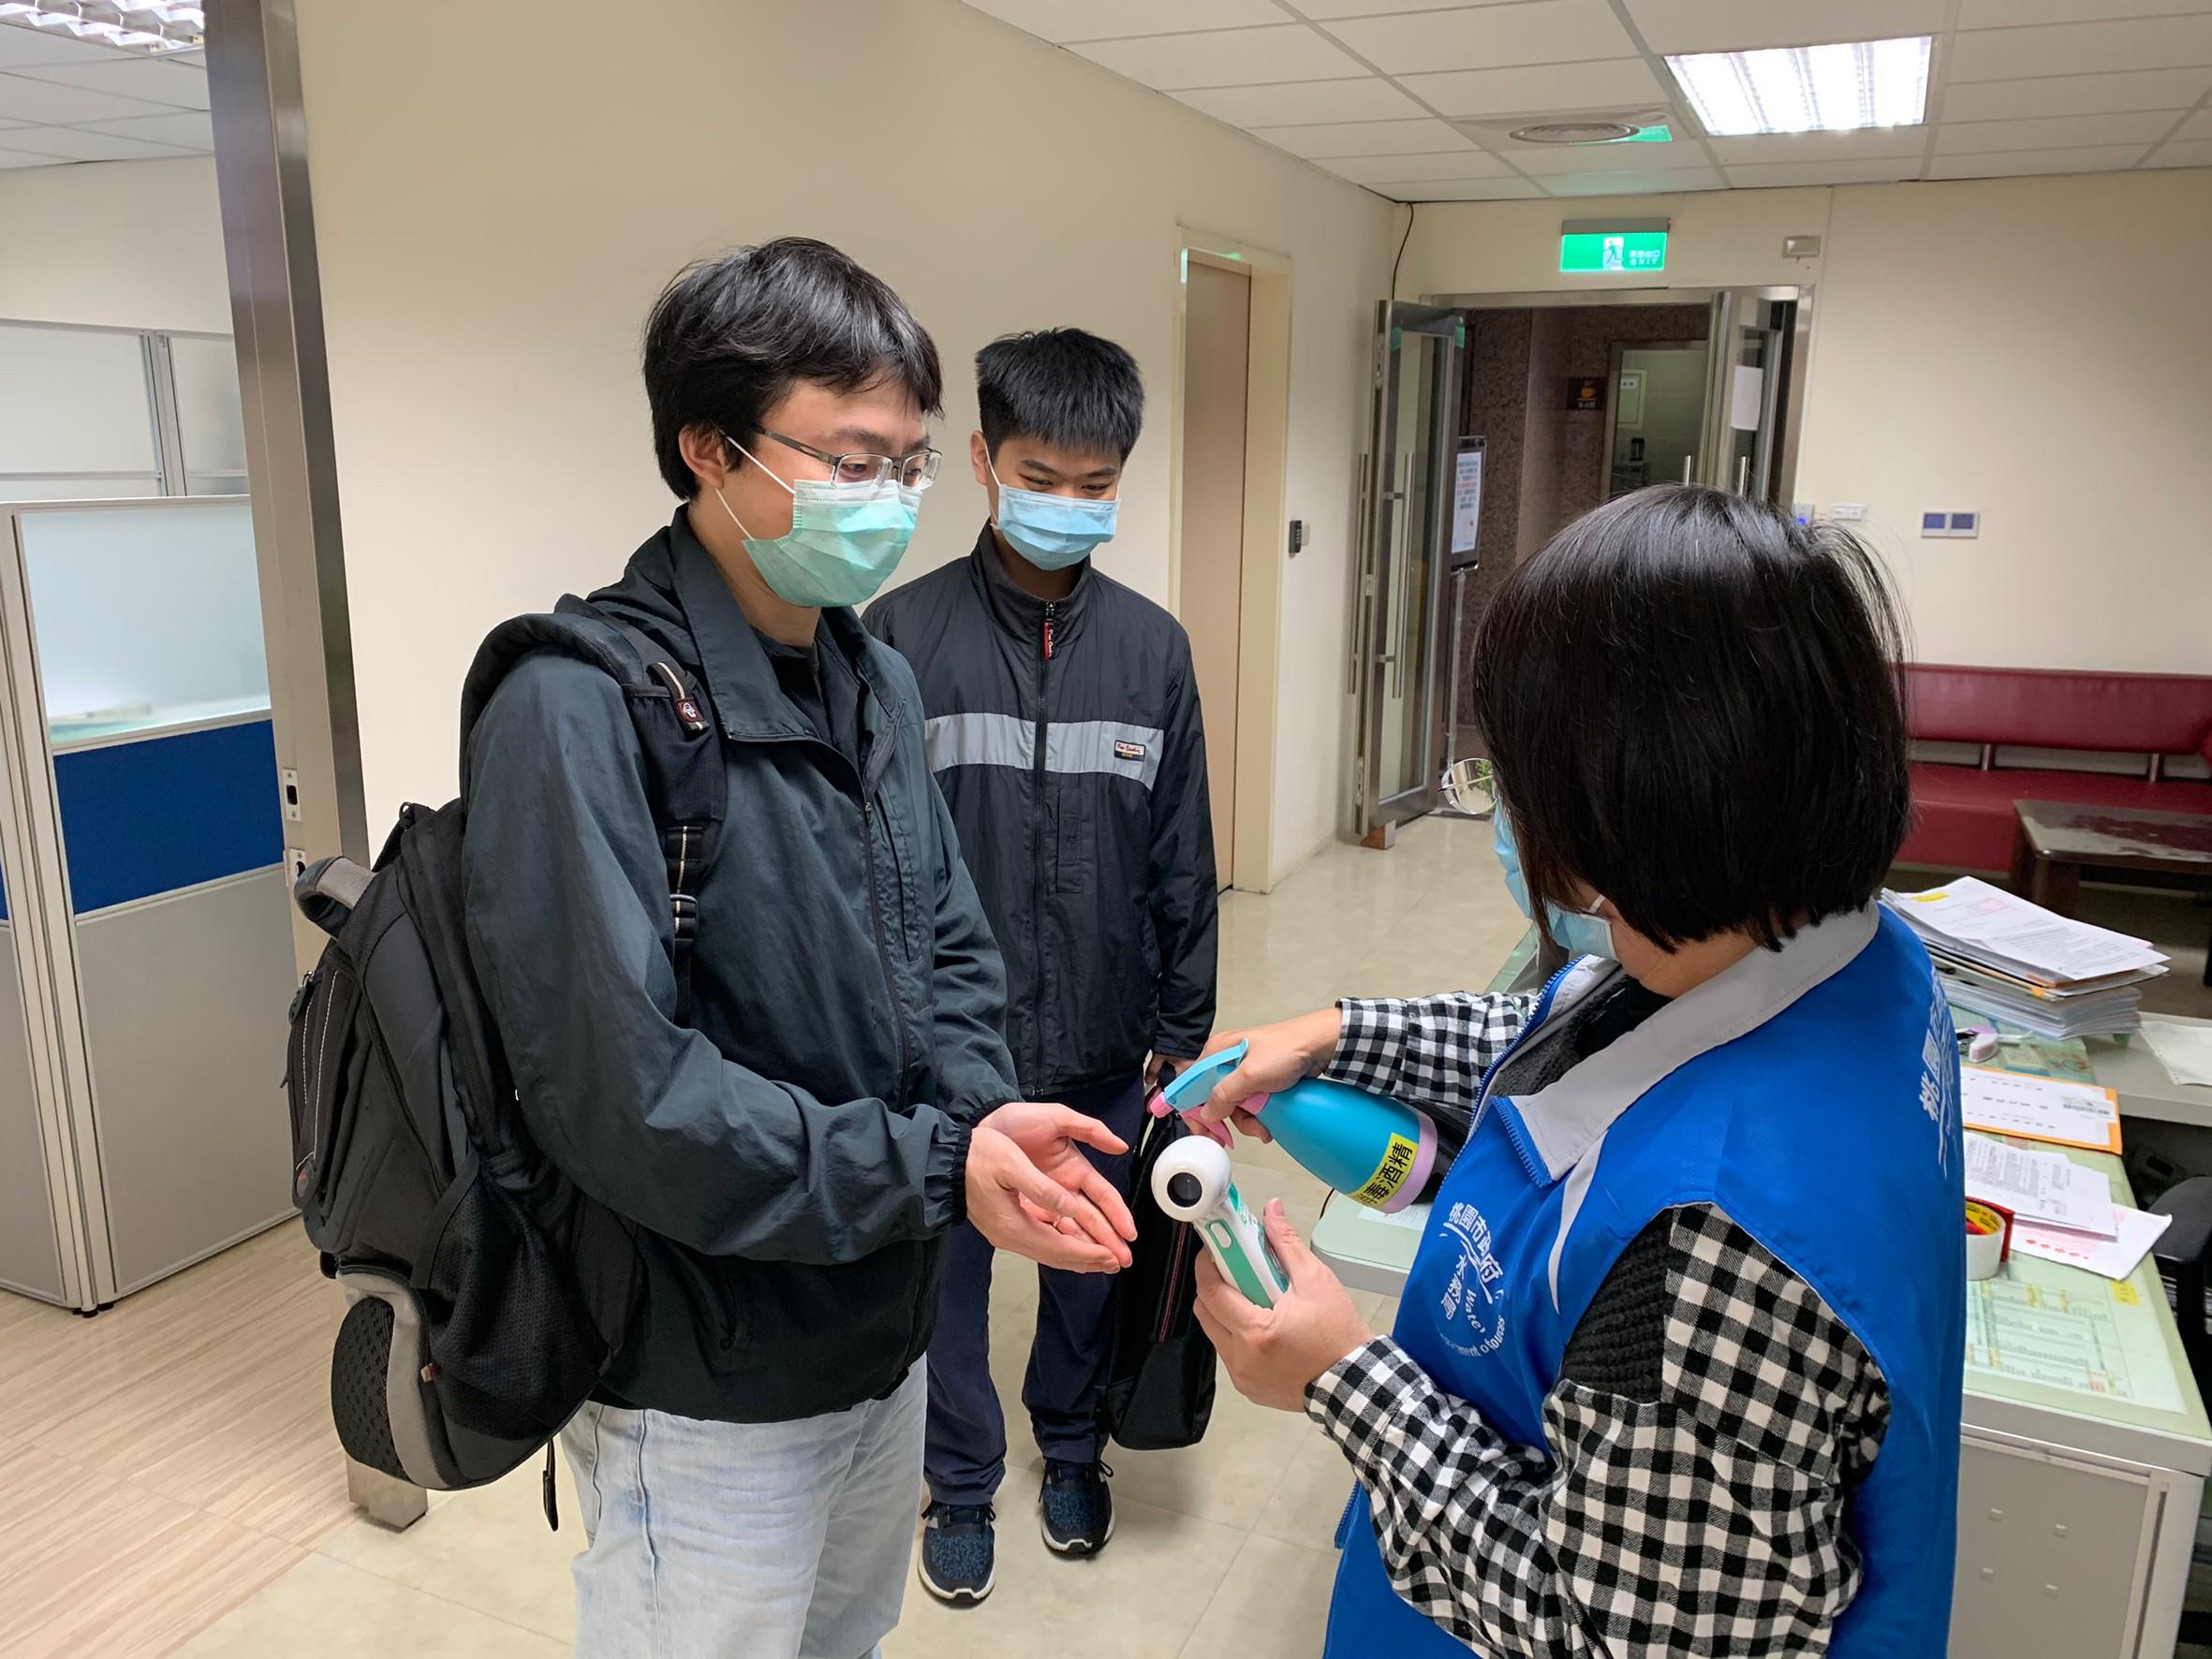 訪客進入本局需由專人進行手部消毒作業